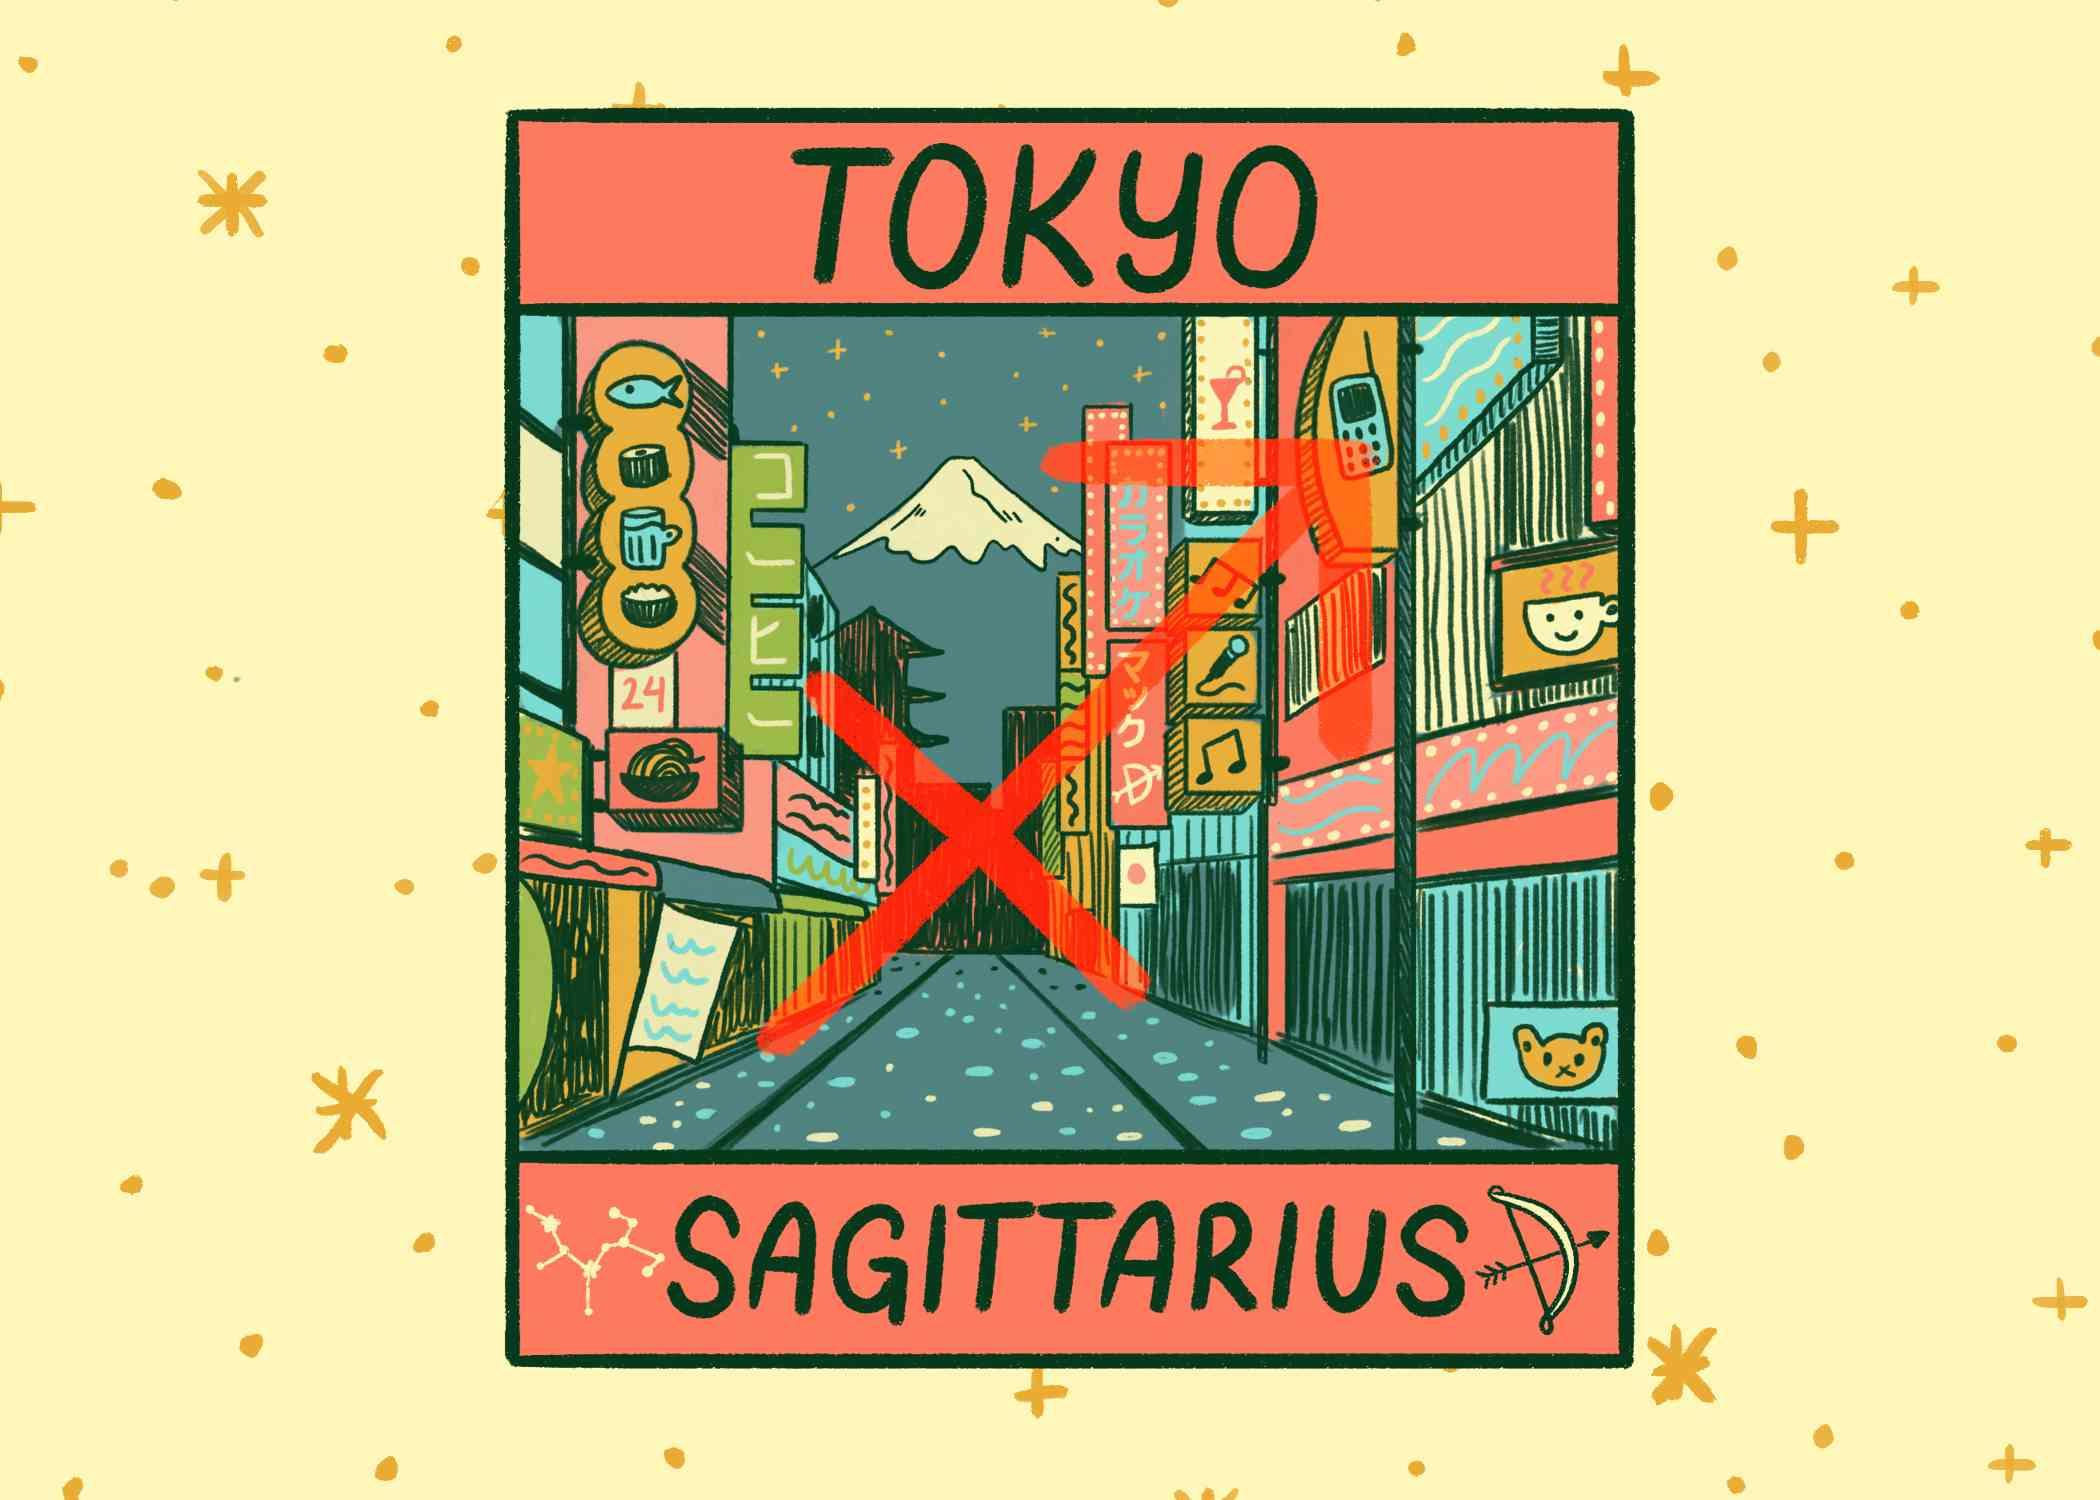 Illustration of Sagittarius and Tokyo